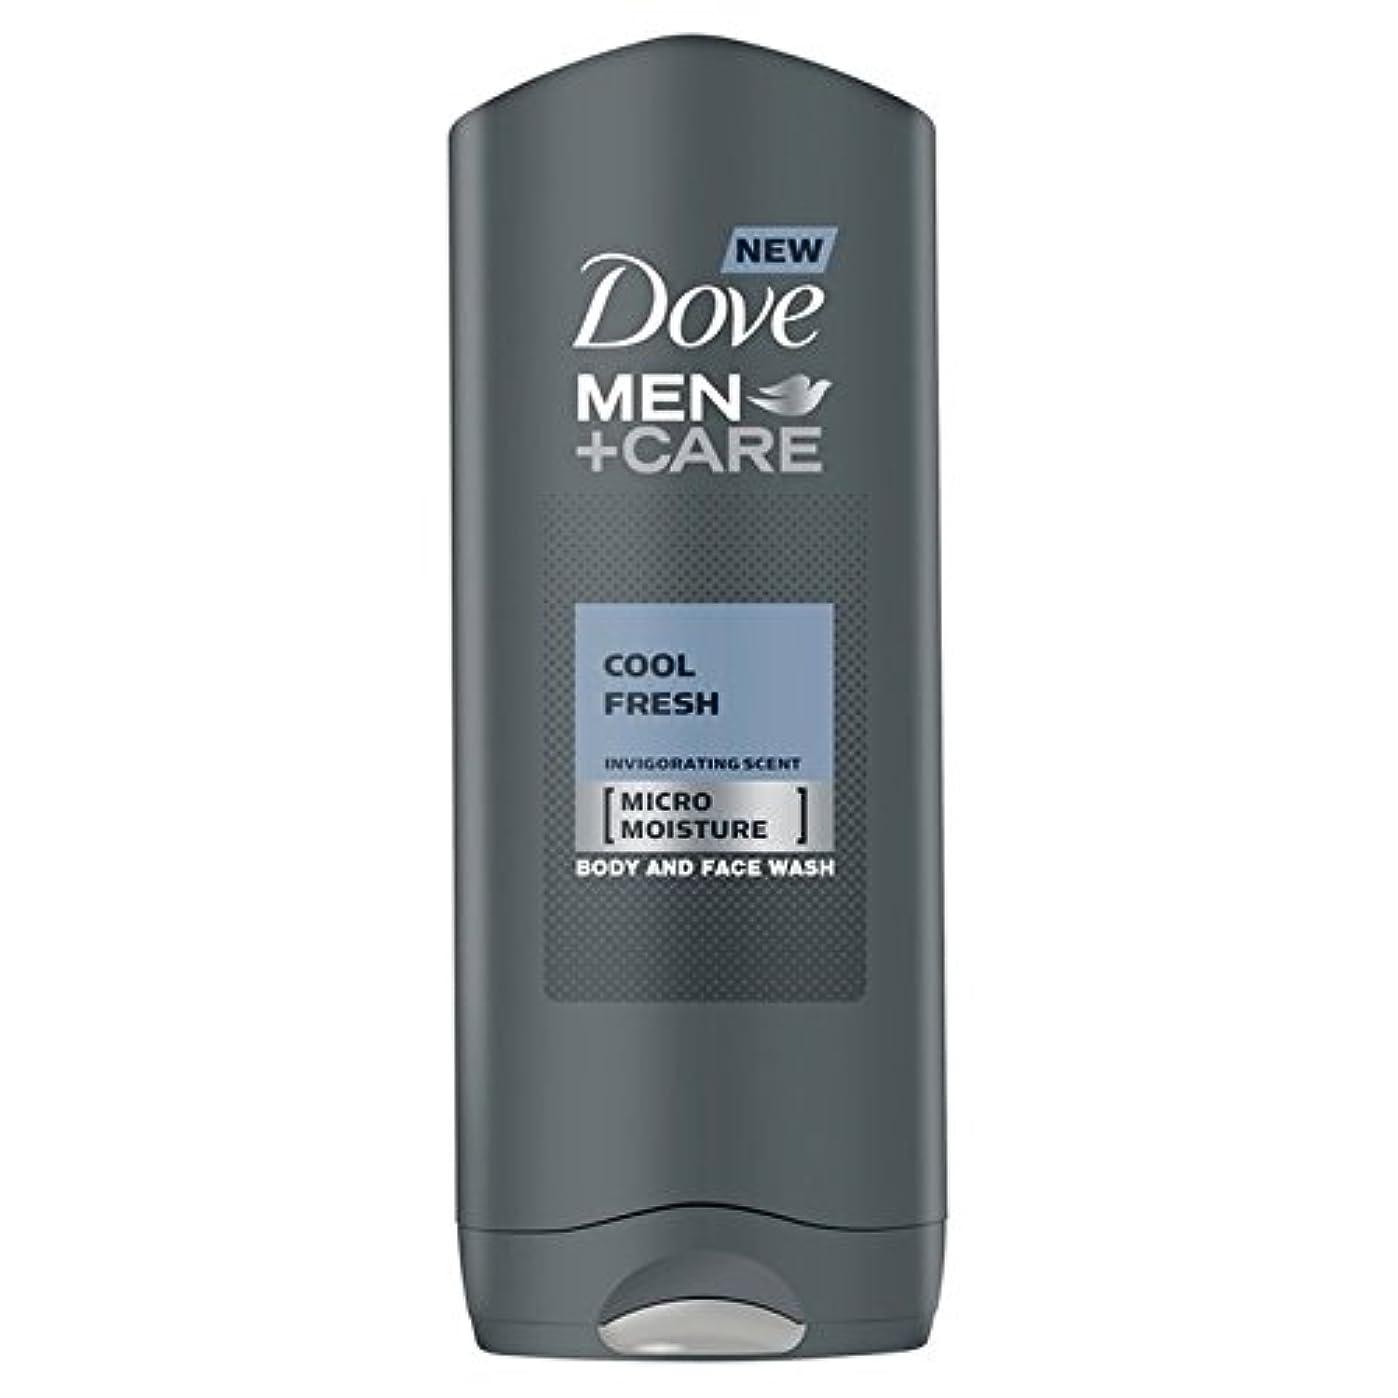 故障ボタンコードレスクールフレッシュシャワージェル400ミリリットルケア+鳩の男性 x2 - Dove Men+Care Cool Fresh Shower Gel 400ml (Pack of 2) [並行輸入品]